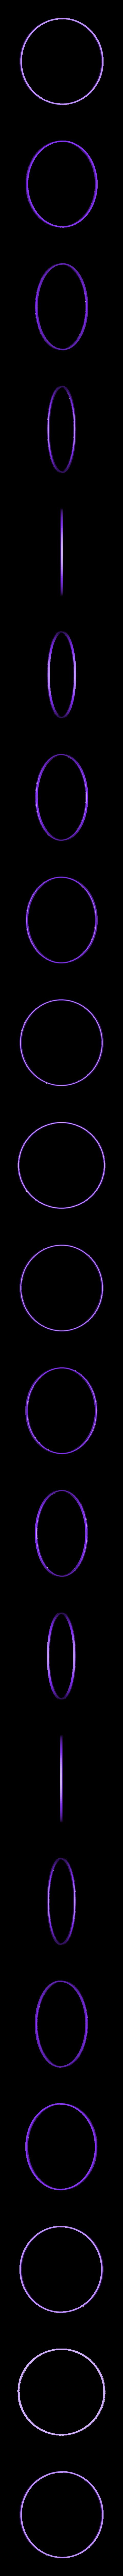 Spinner04.STL Télécharger fichier STL gratuit Accessoires pour le Hobbyking (Piccole Ali) Macchi C.205 Veltro ARF • Modèle pour impression 3D, tahustvedt